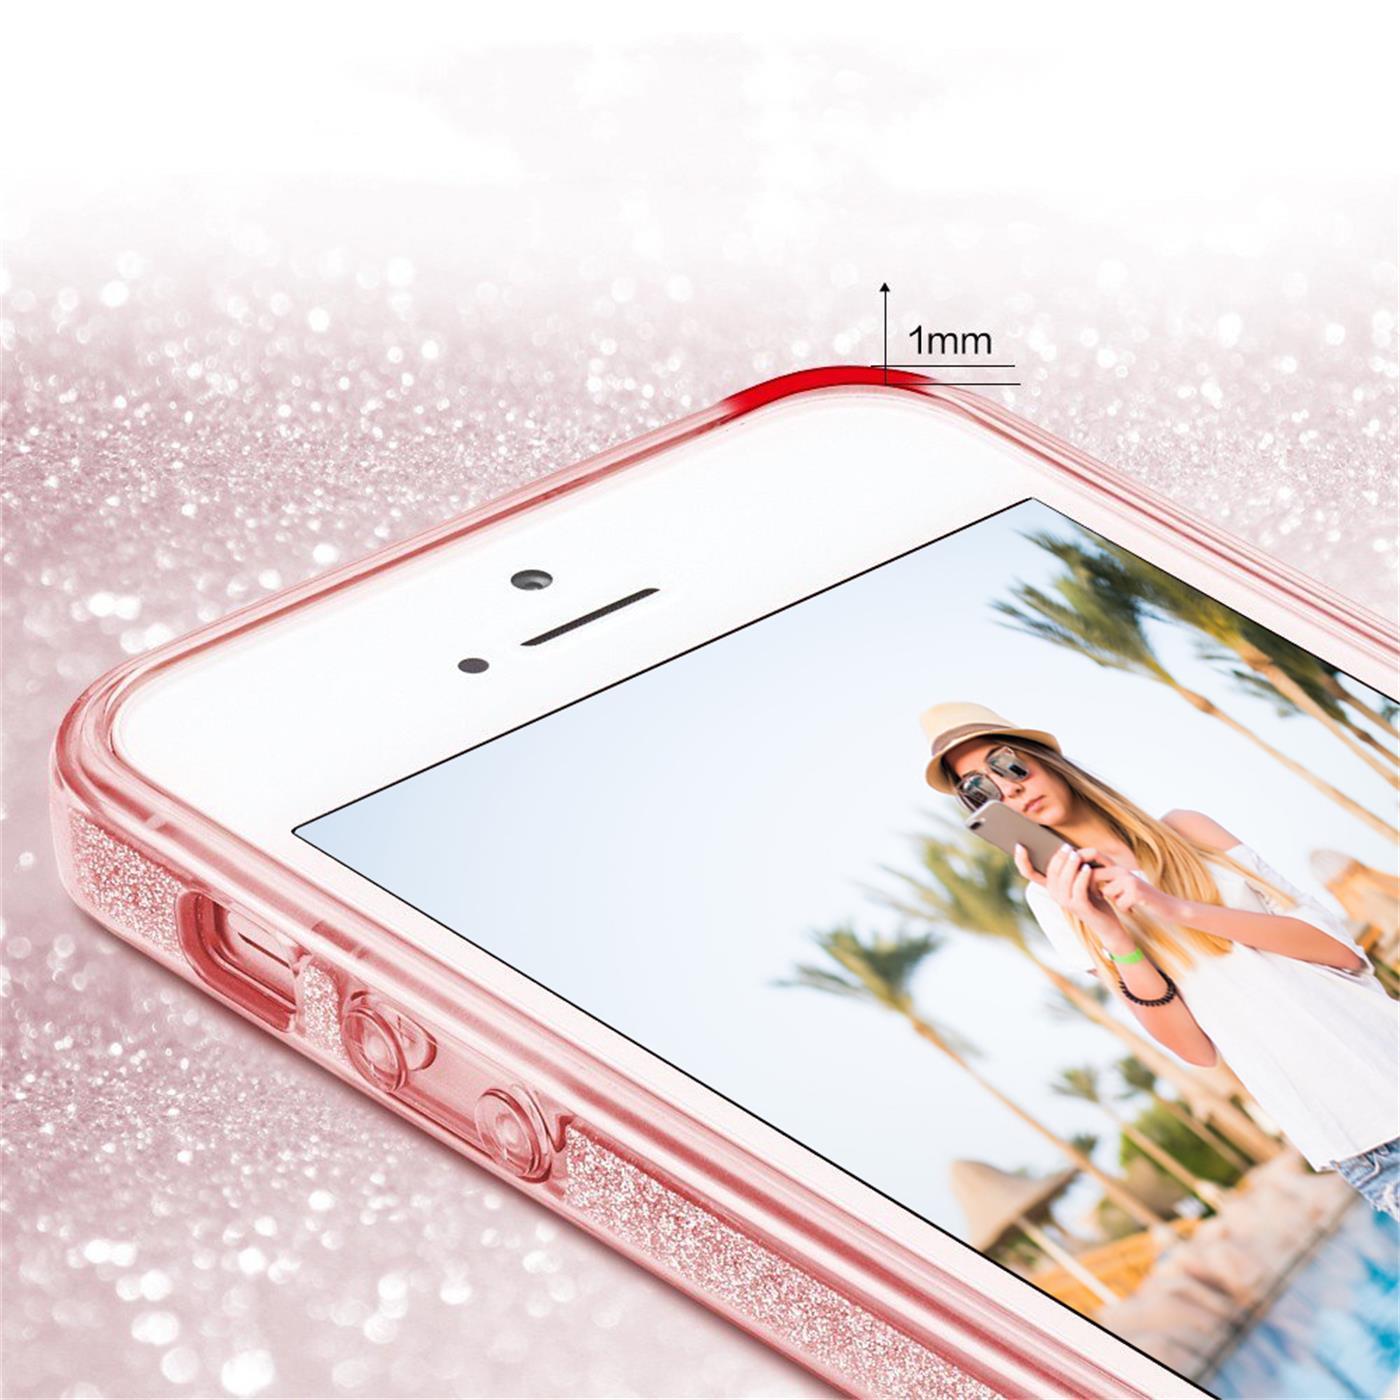 Handy-Glitzer-Huelle-fuer-Apple-iPhone-Slim-TPU-Cover-Case-Silikon-Schutz-Tasche Indexbild 13